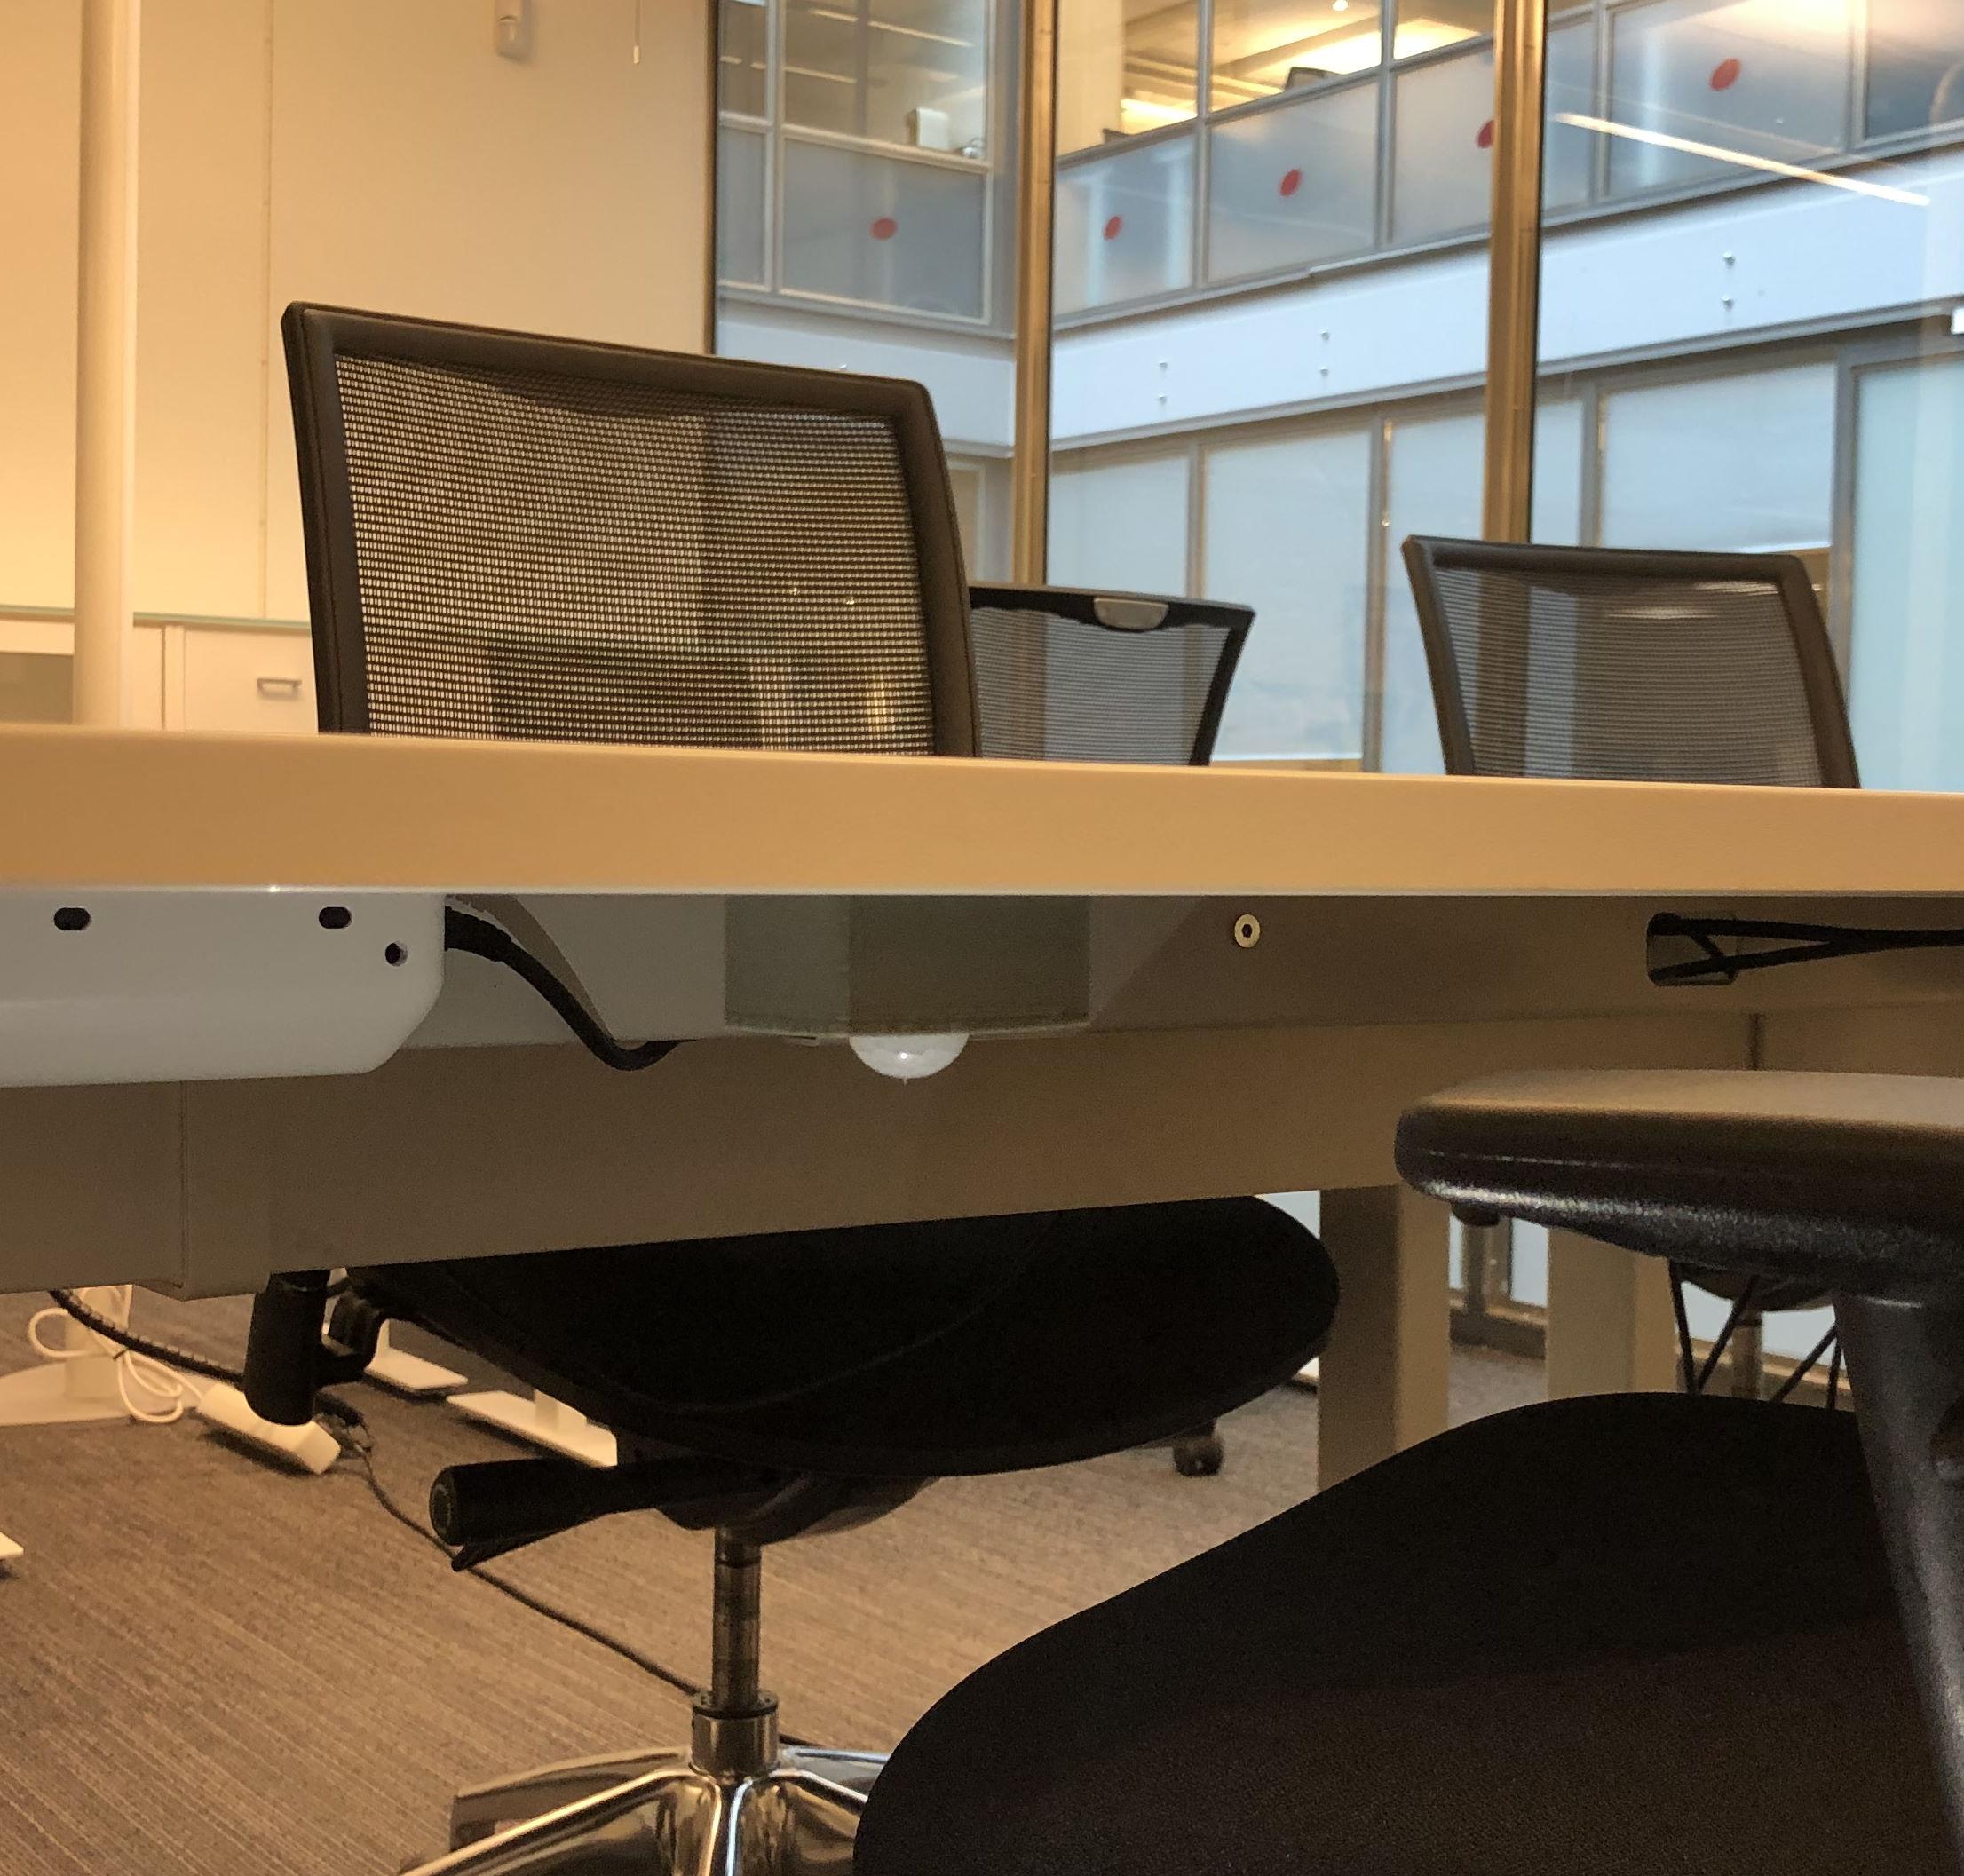 Capteur de présence de hot desk IoT sans fil installé sur un bureau dans un bureau